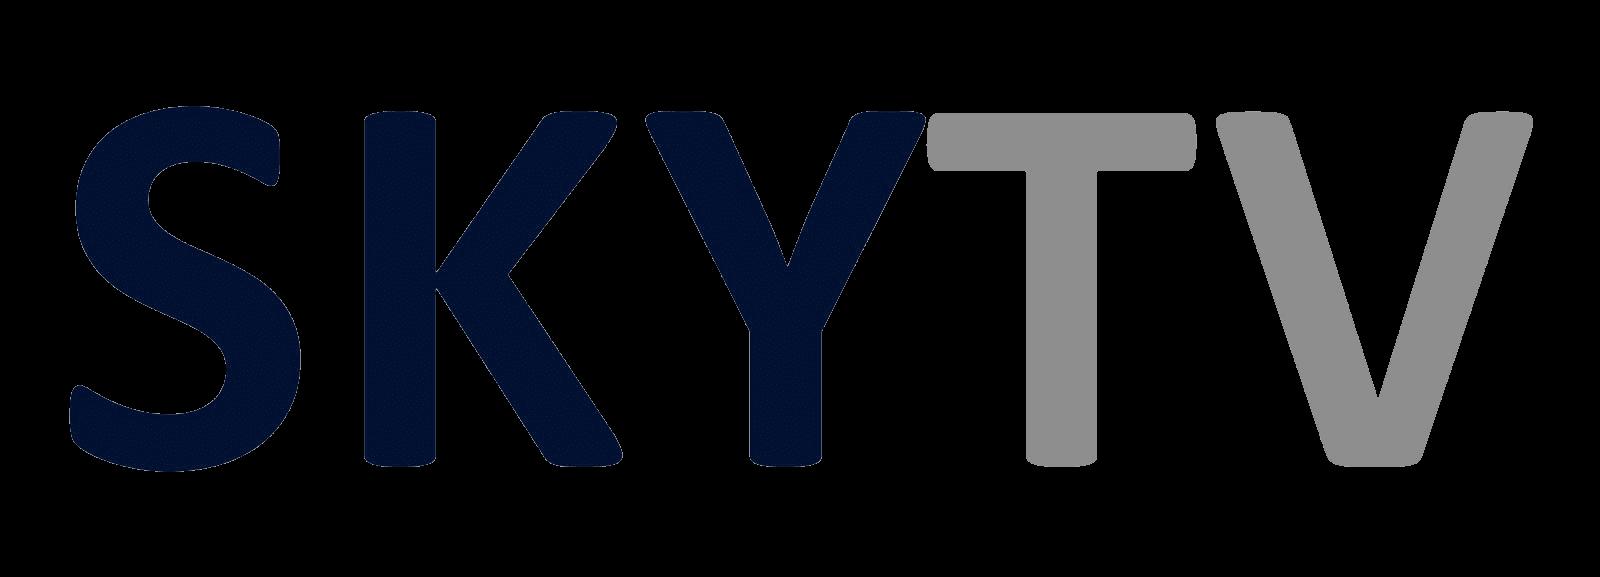 skytv-logo